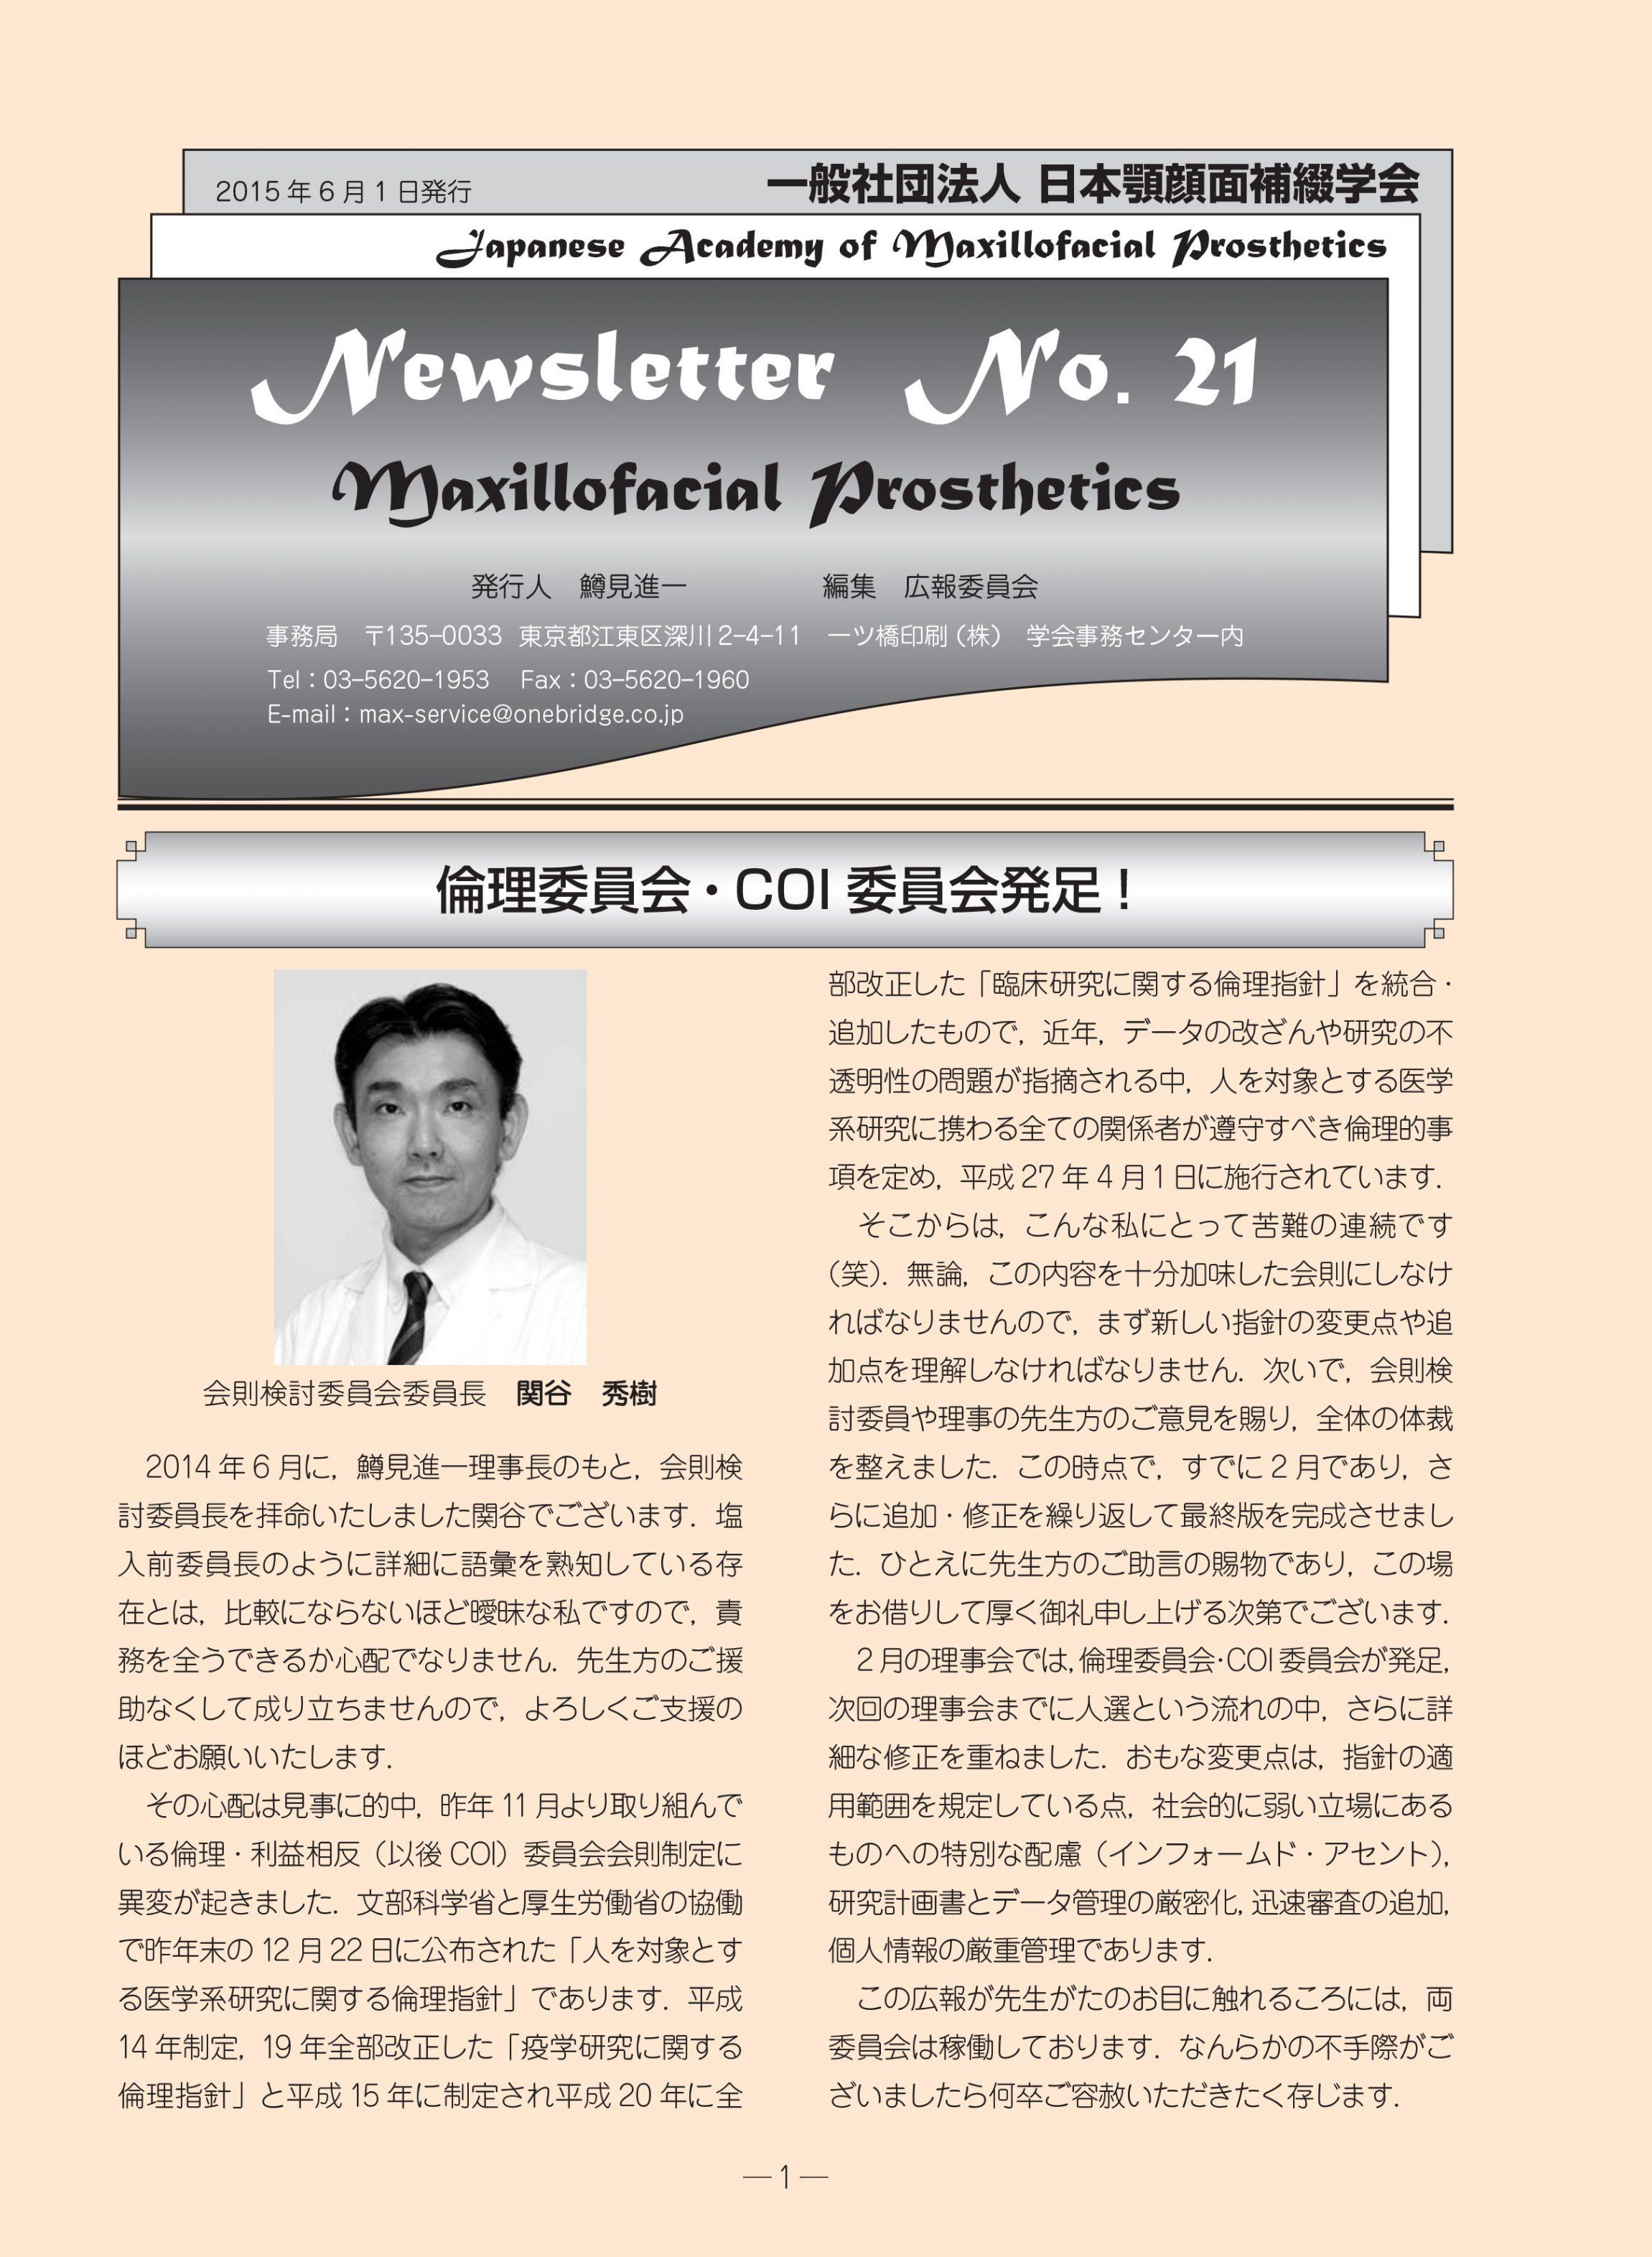 ニュースレター No.21